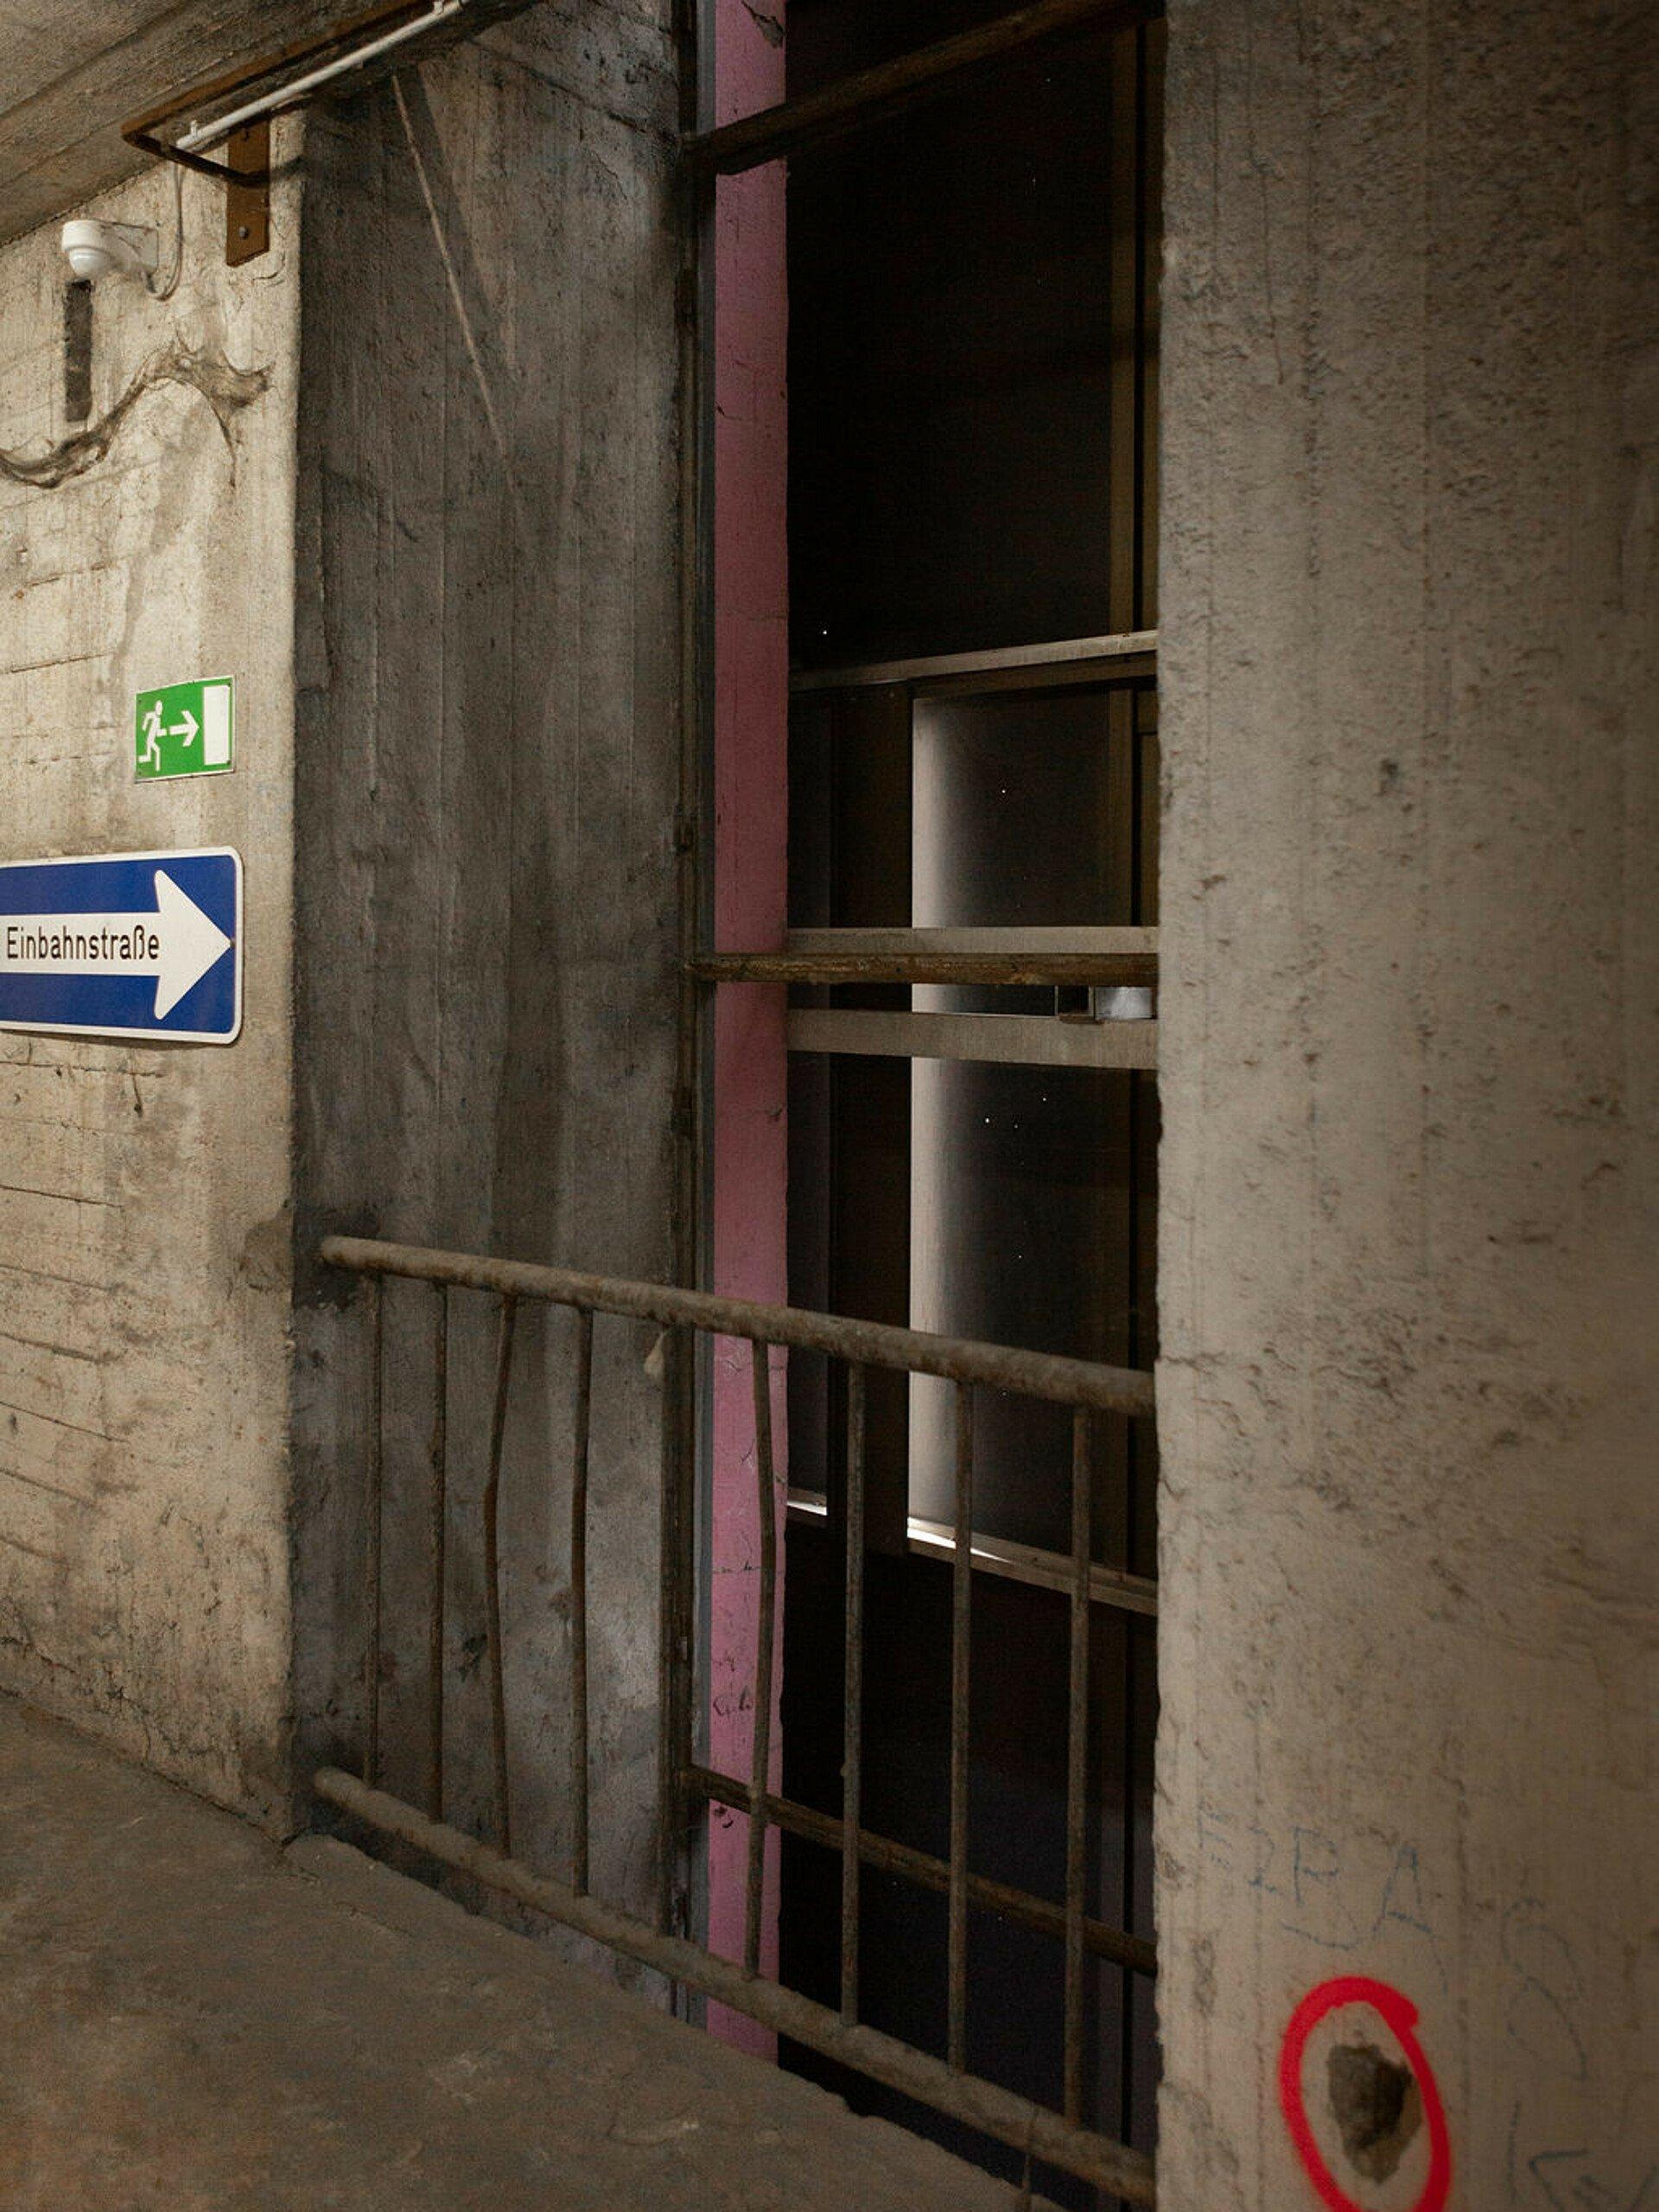 Blick von innen auf das Spiegelglas, das von außen den Riphahn-Bunker in Köln ziert